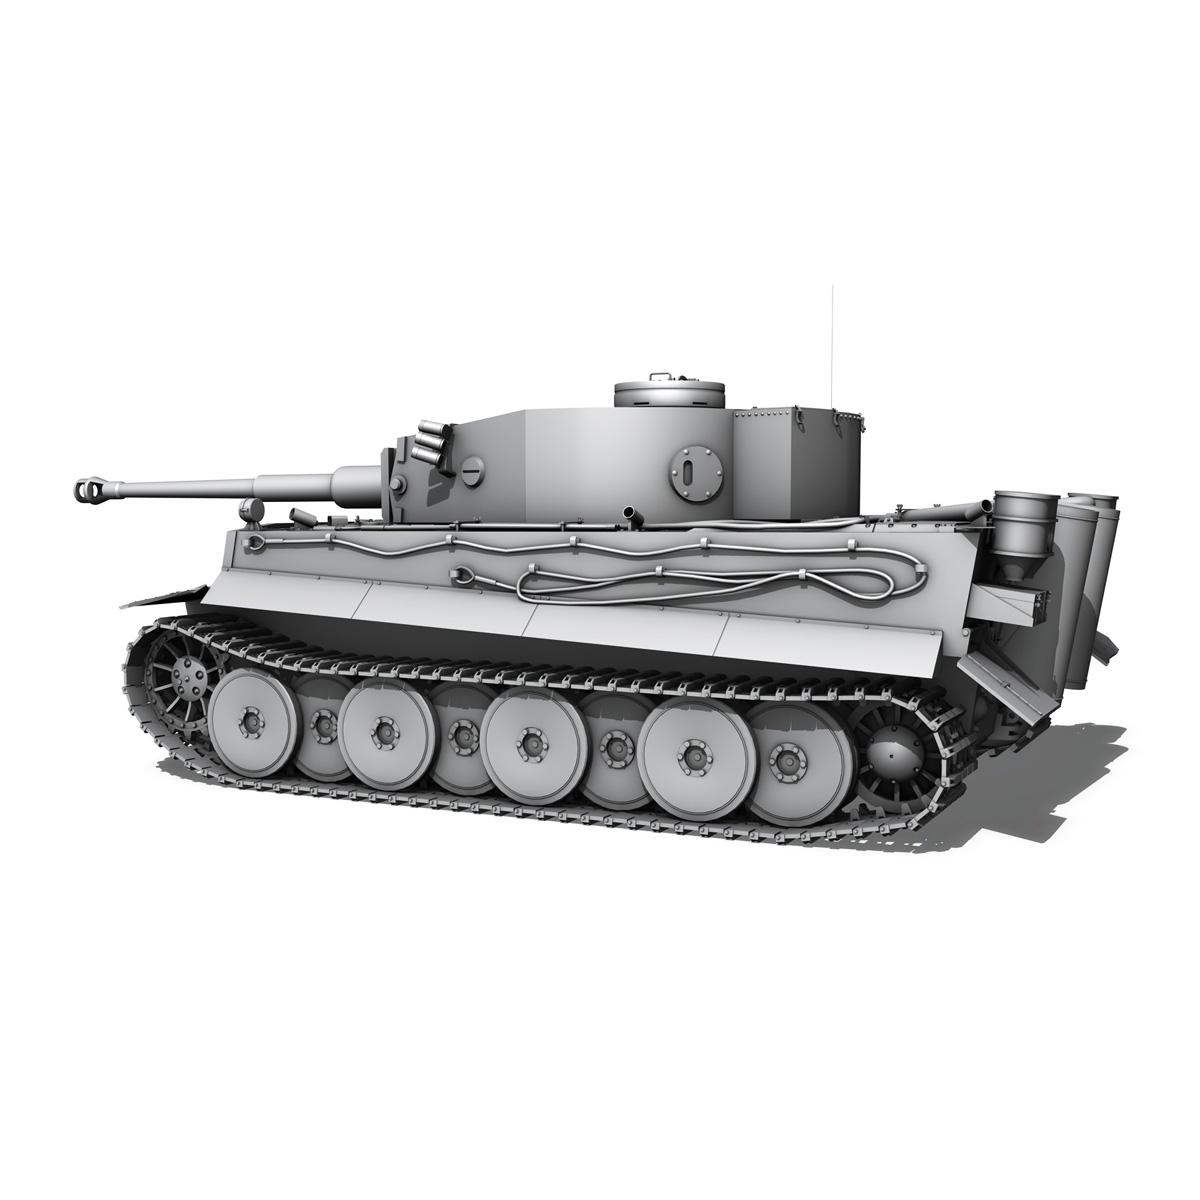 panzer vi – tiger – early production 3d model 3ds fbx c4d lwo obj 202261